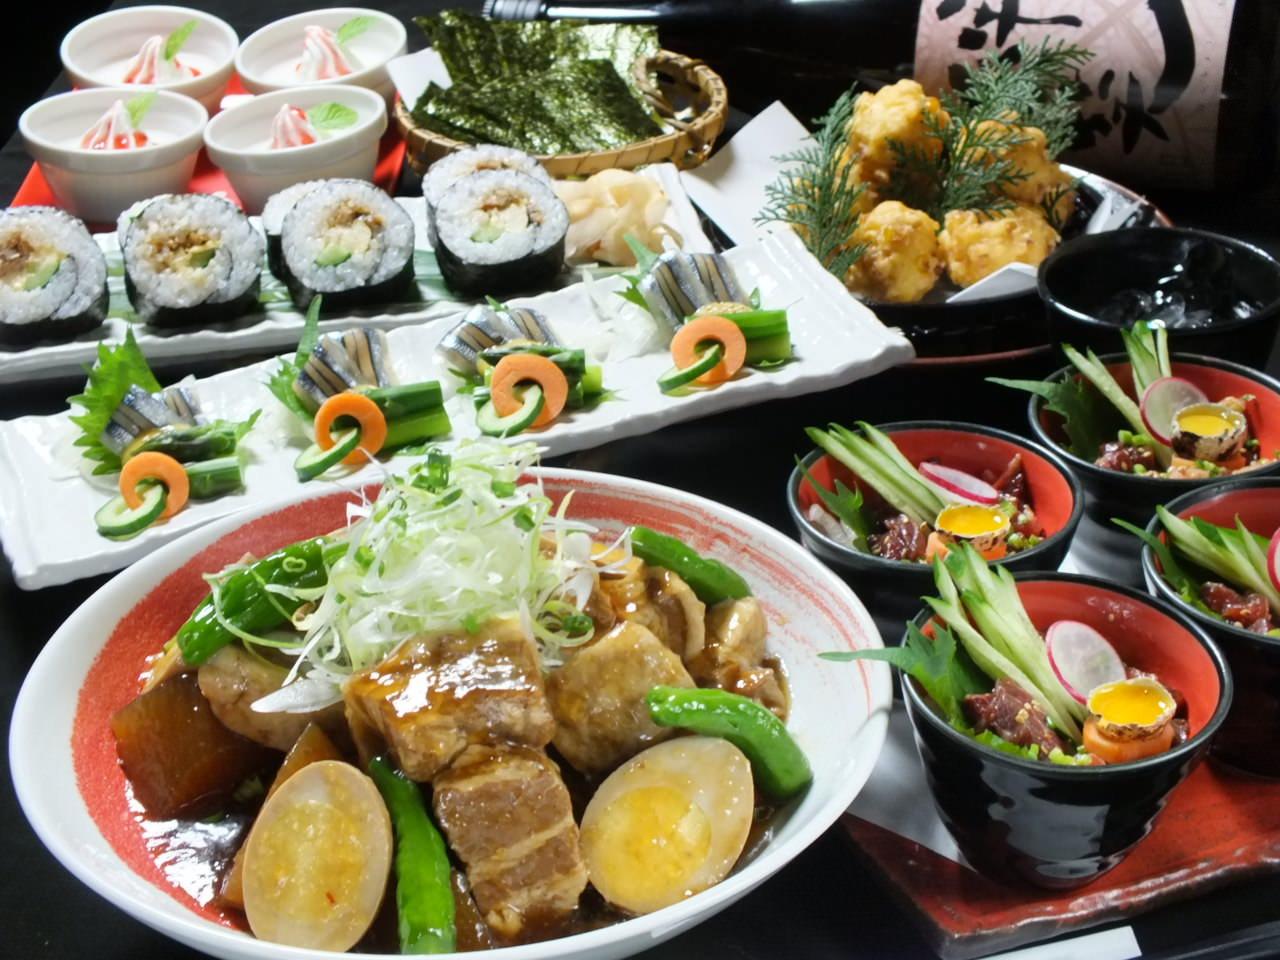 【8月限定】2時間飲み放題付夏野菜と豚バラ肉蒸篭蒸含む全7品『九州巡りコース』